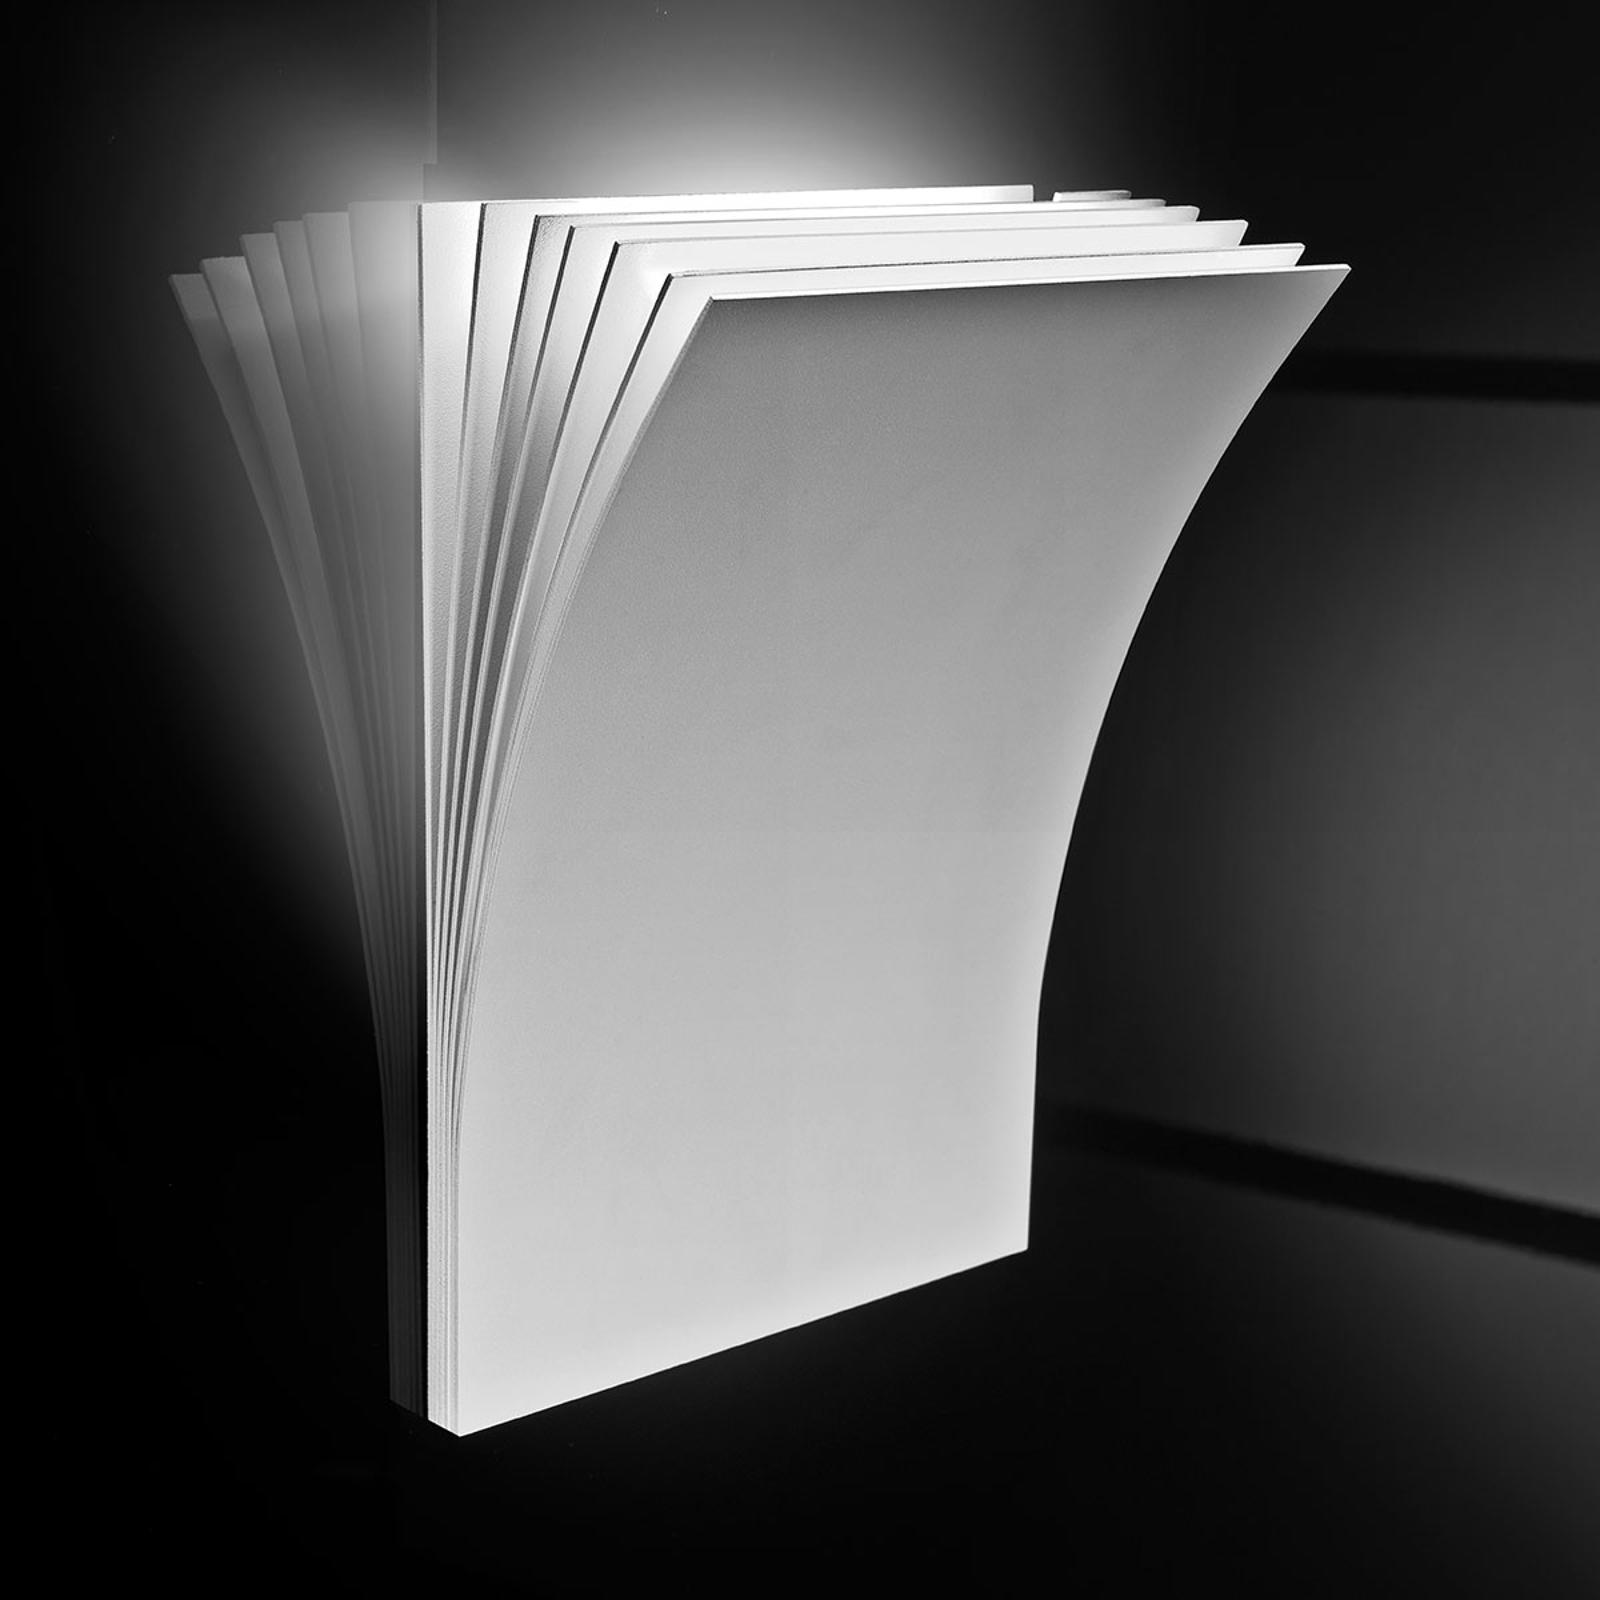 Lámpara de pared blanca Polia iluminación halógena